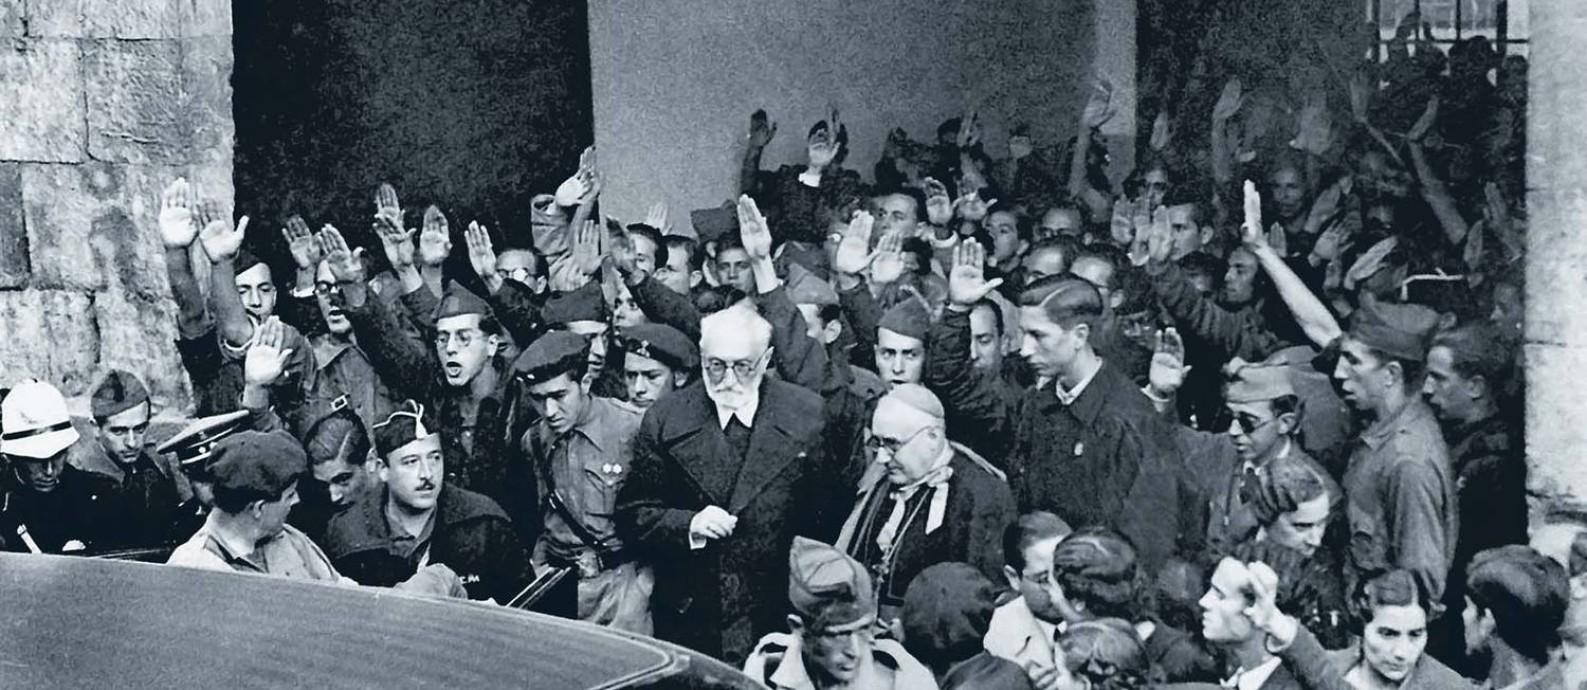 Miguel de Unamuno, com barba, saindo da Universidade de Salamanca depois do enfrentamento com o general Millán-Astray, em 12 de outubro de 1936 Foto: EFE/EFEVISUAL